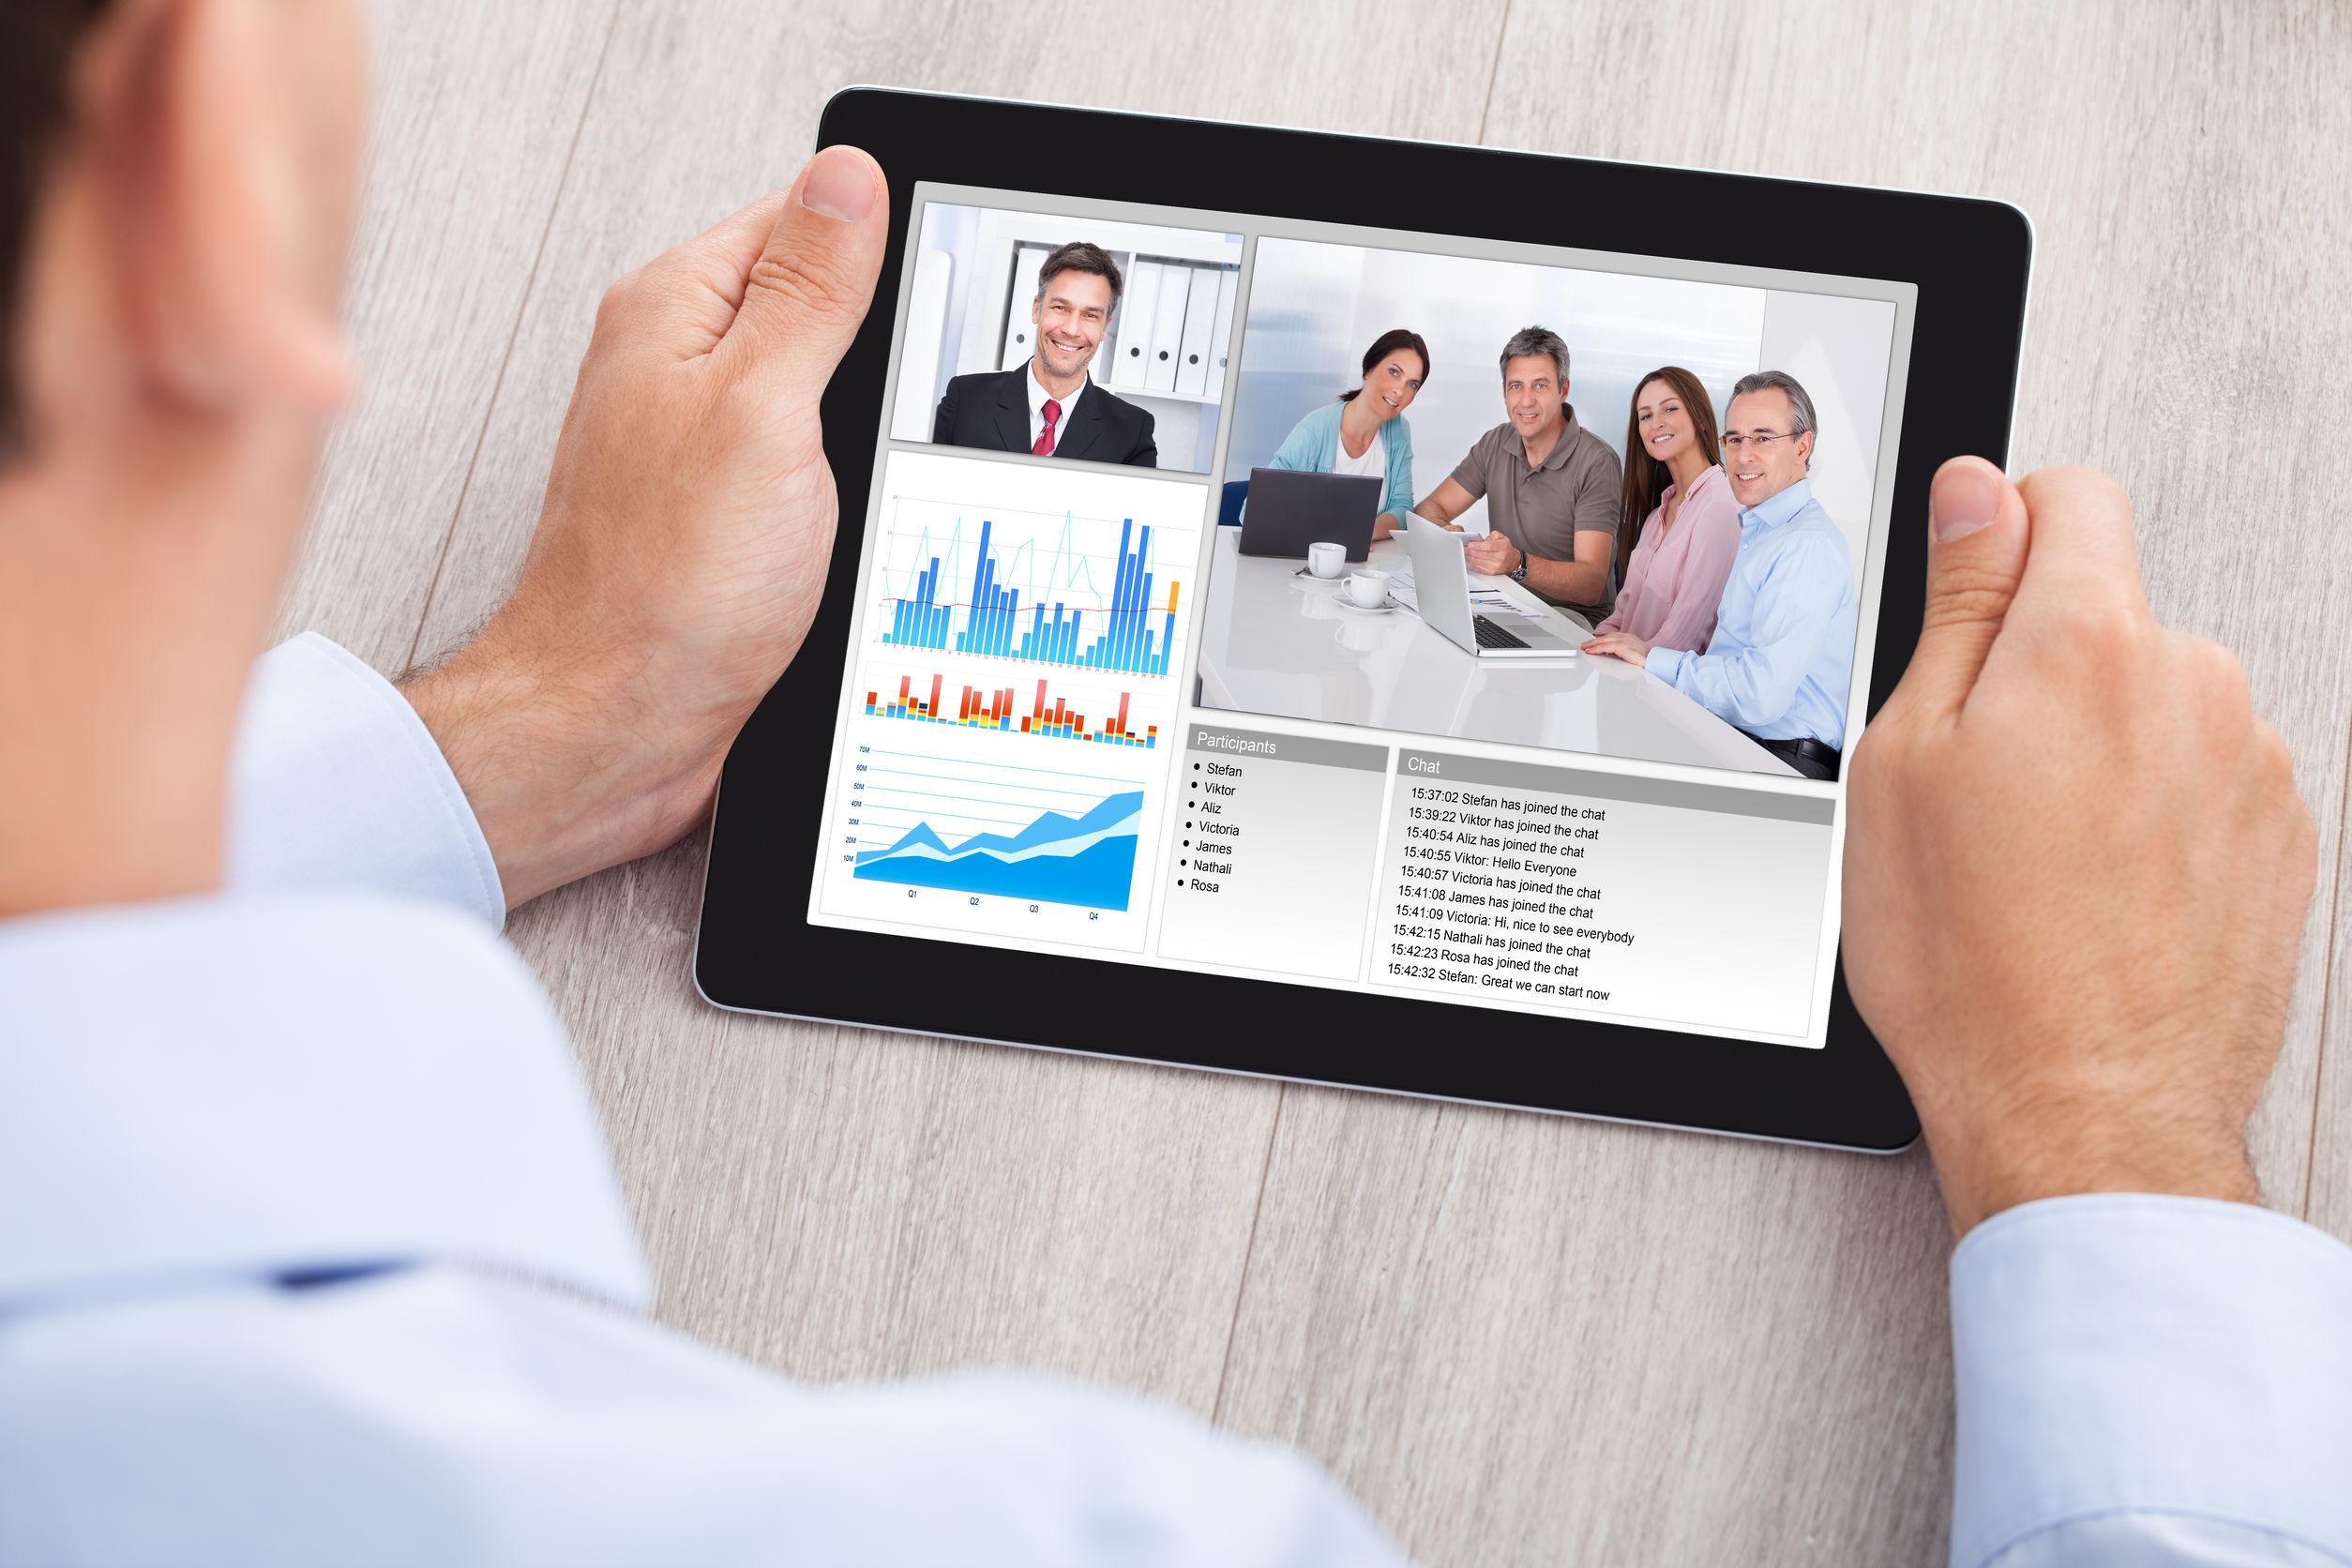 Miglior tablet Lenovo 2020: Guida all'acquisto